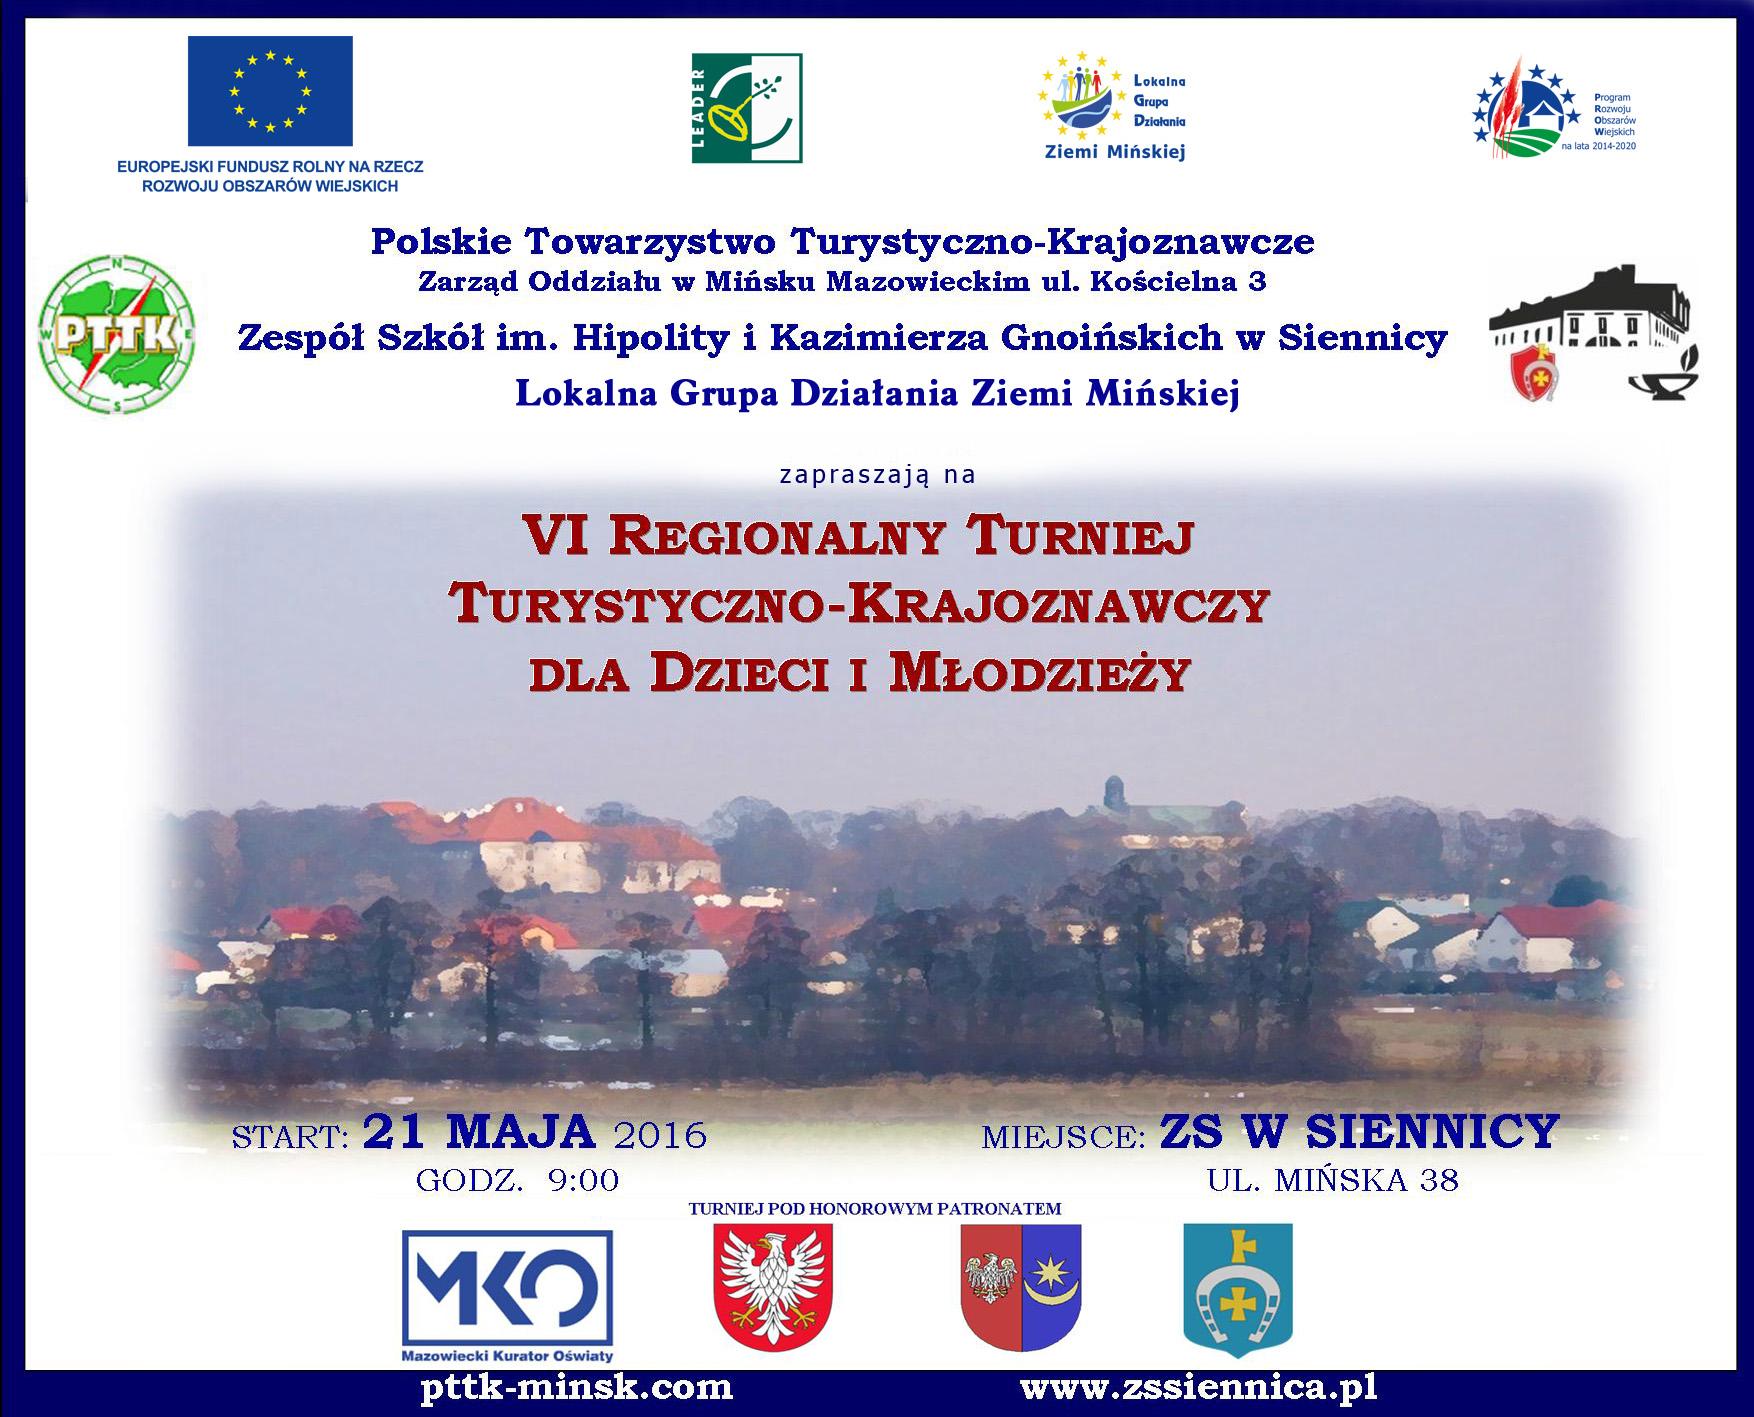 VI Regionalny Turniej Turystyczno-Krajoznawczy